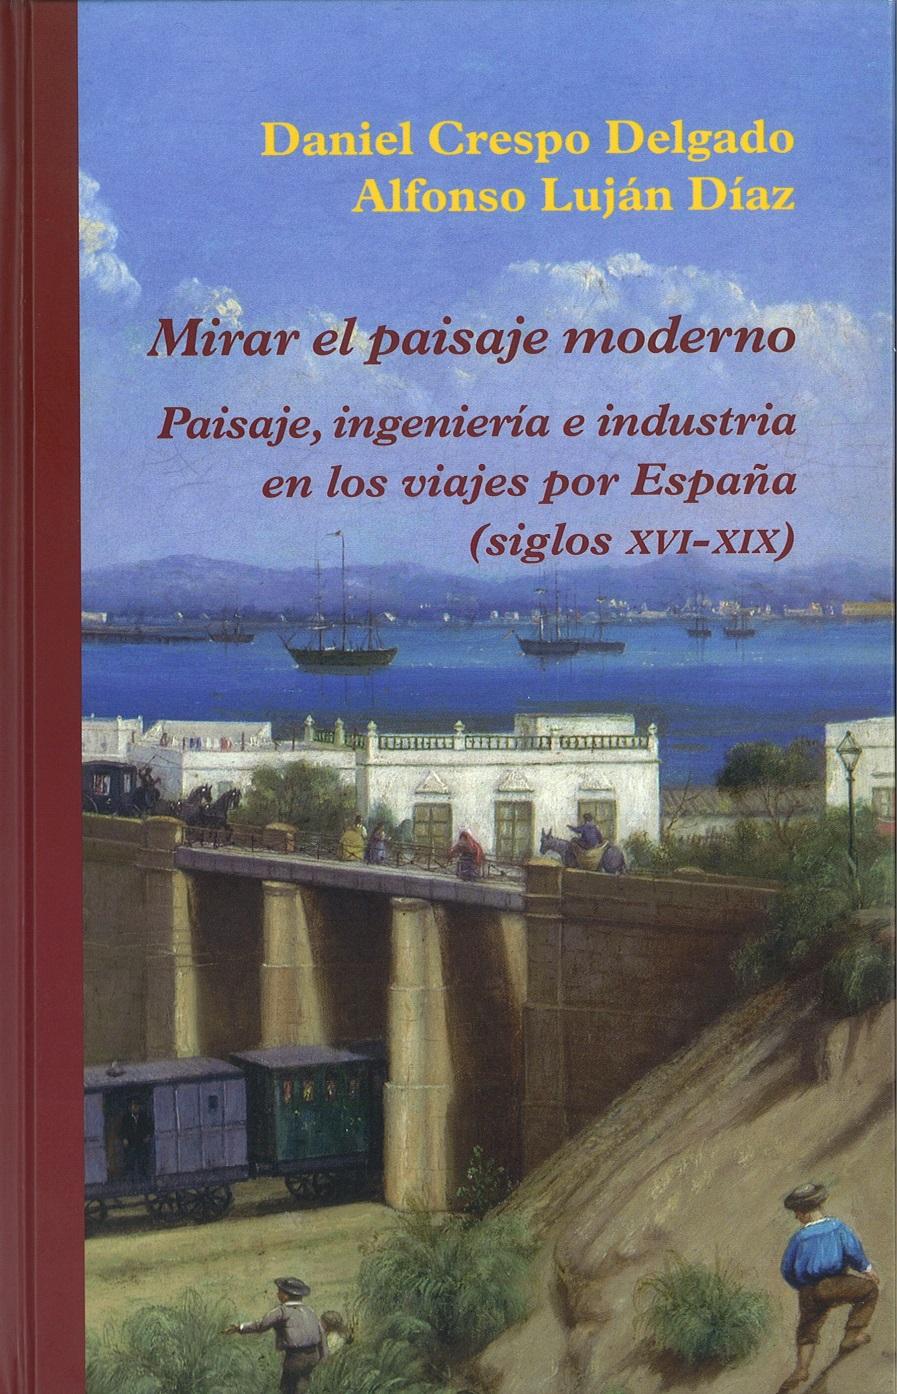 Mirar el paisaje moderno. Paisaje, ingeniería e industria en los viajes por España (siglos XVI-XIX). New publication